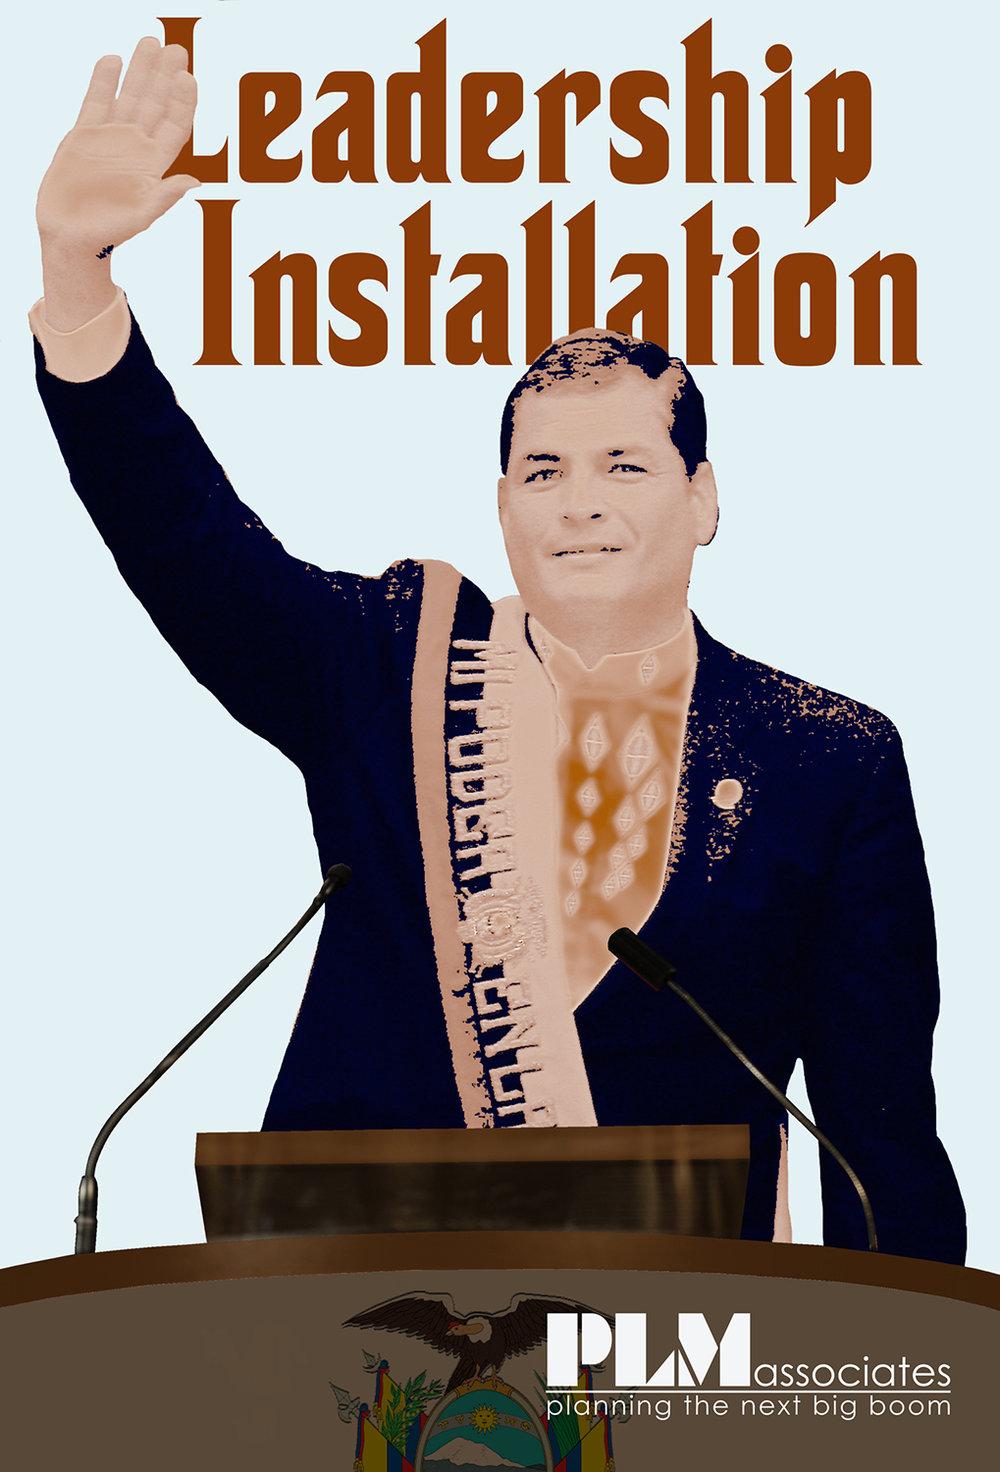 Leadership installaiton